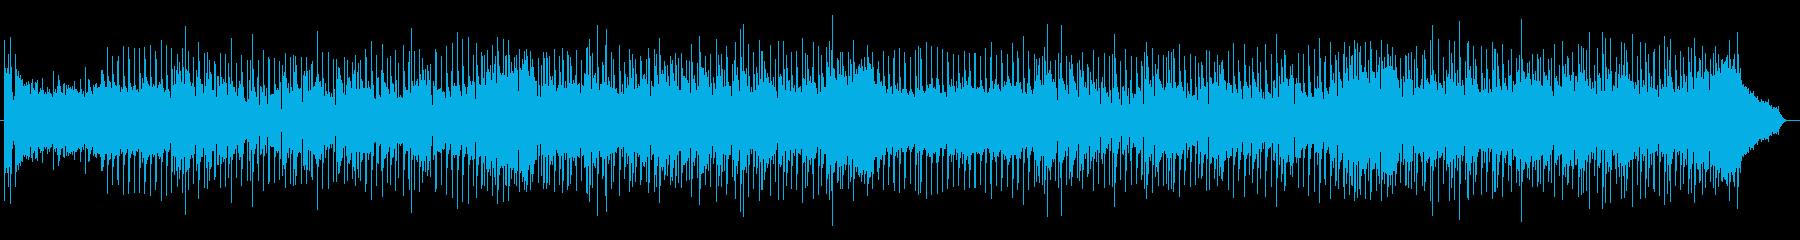 爽やかな1日のスタート、12弦Gtポップの再生済みの波形